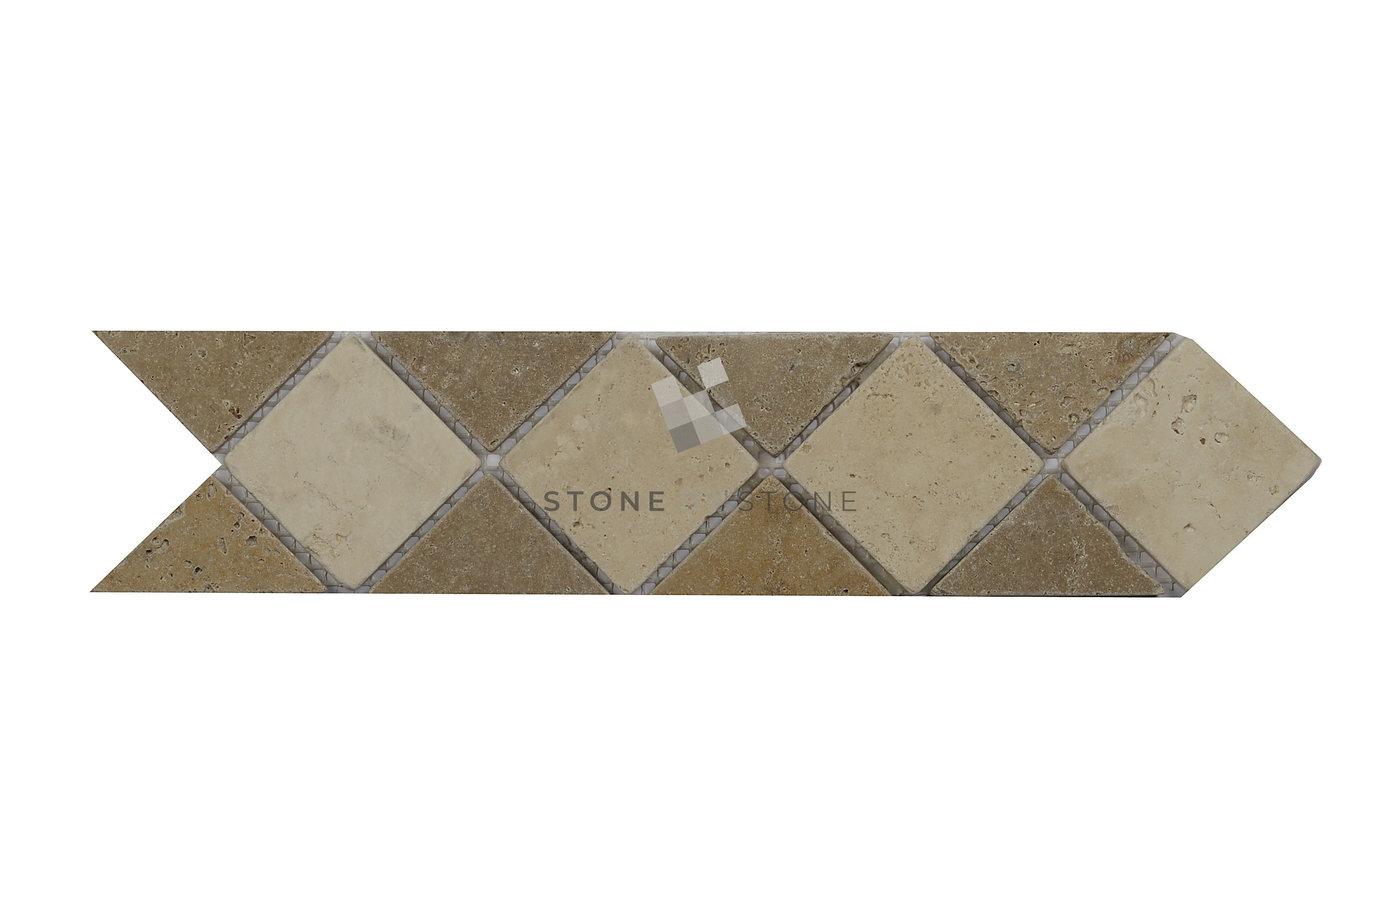 Frise en Travertin 7,5x30 - Losange | Stone By Stone, Pro du Travertin